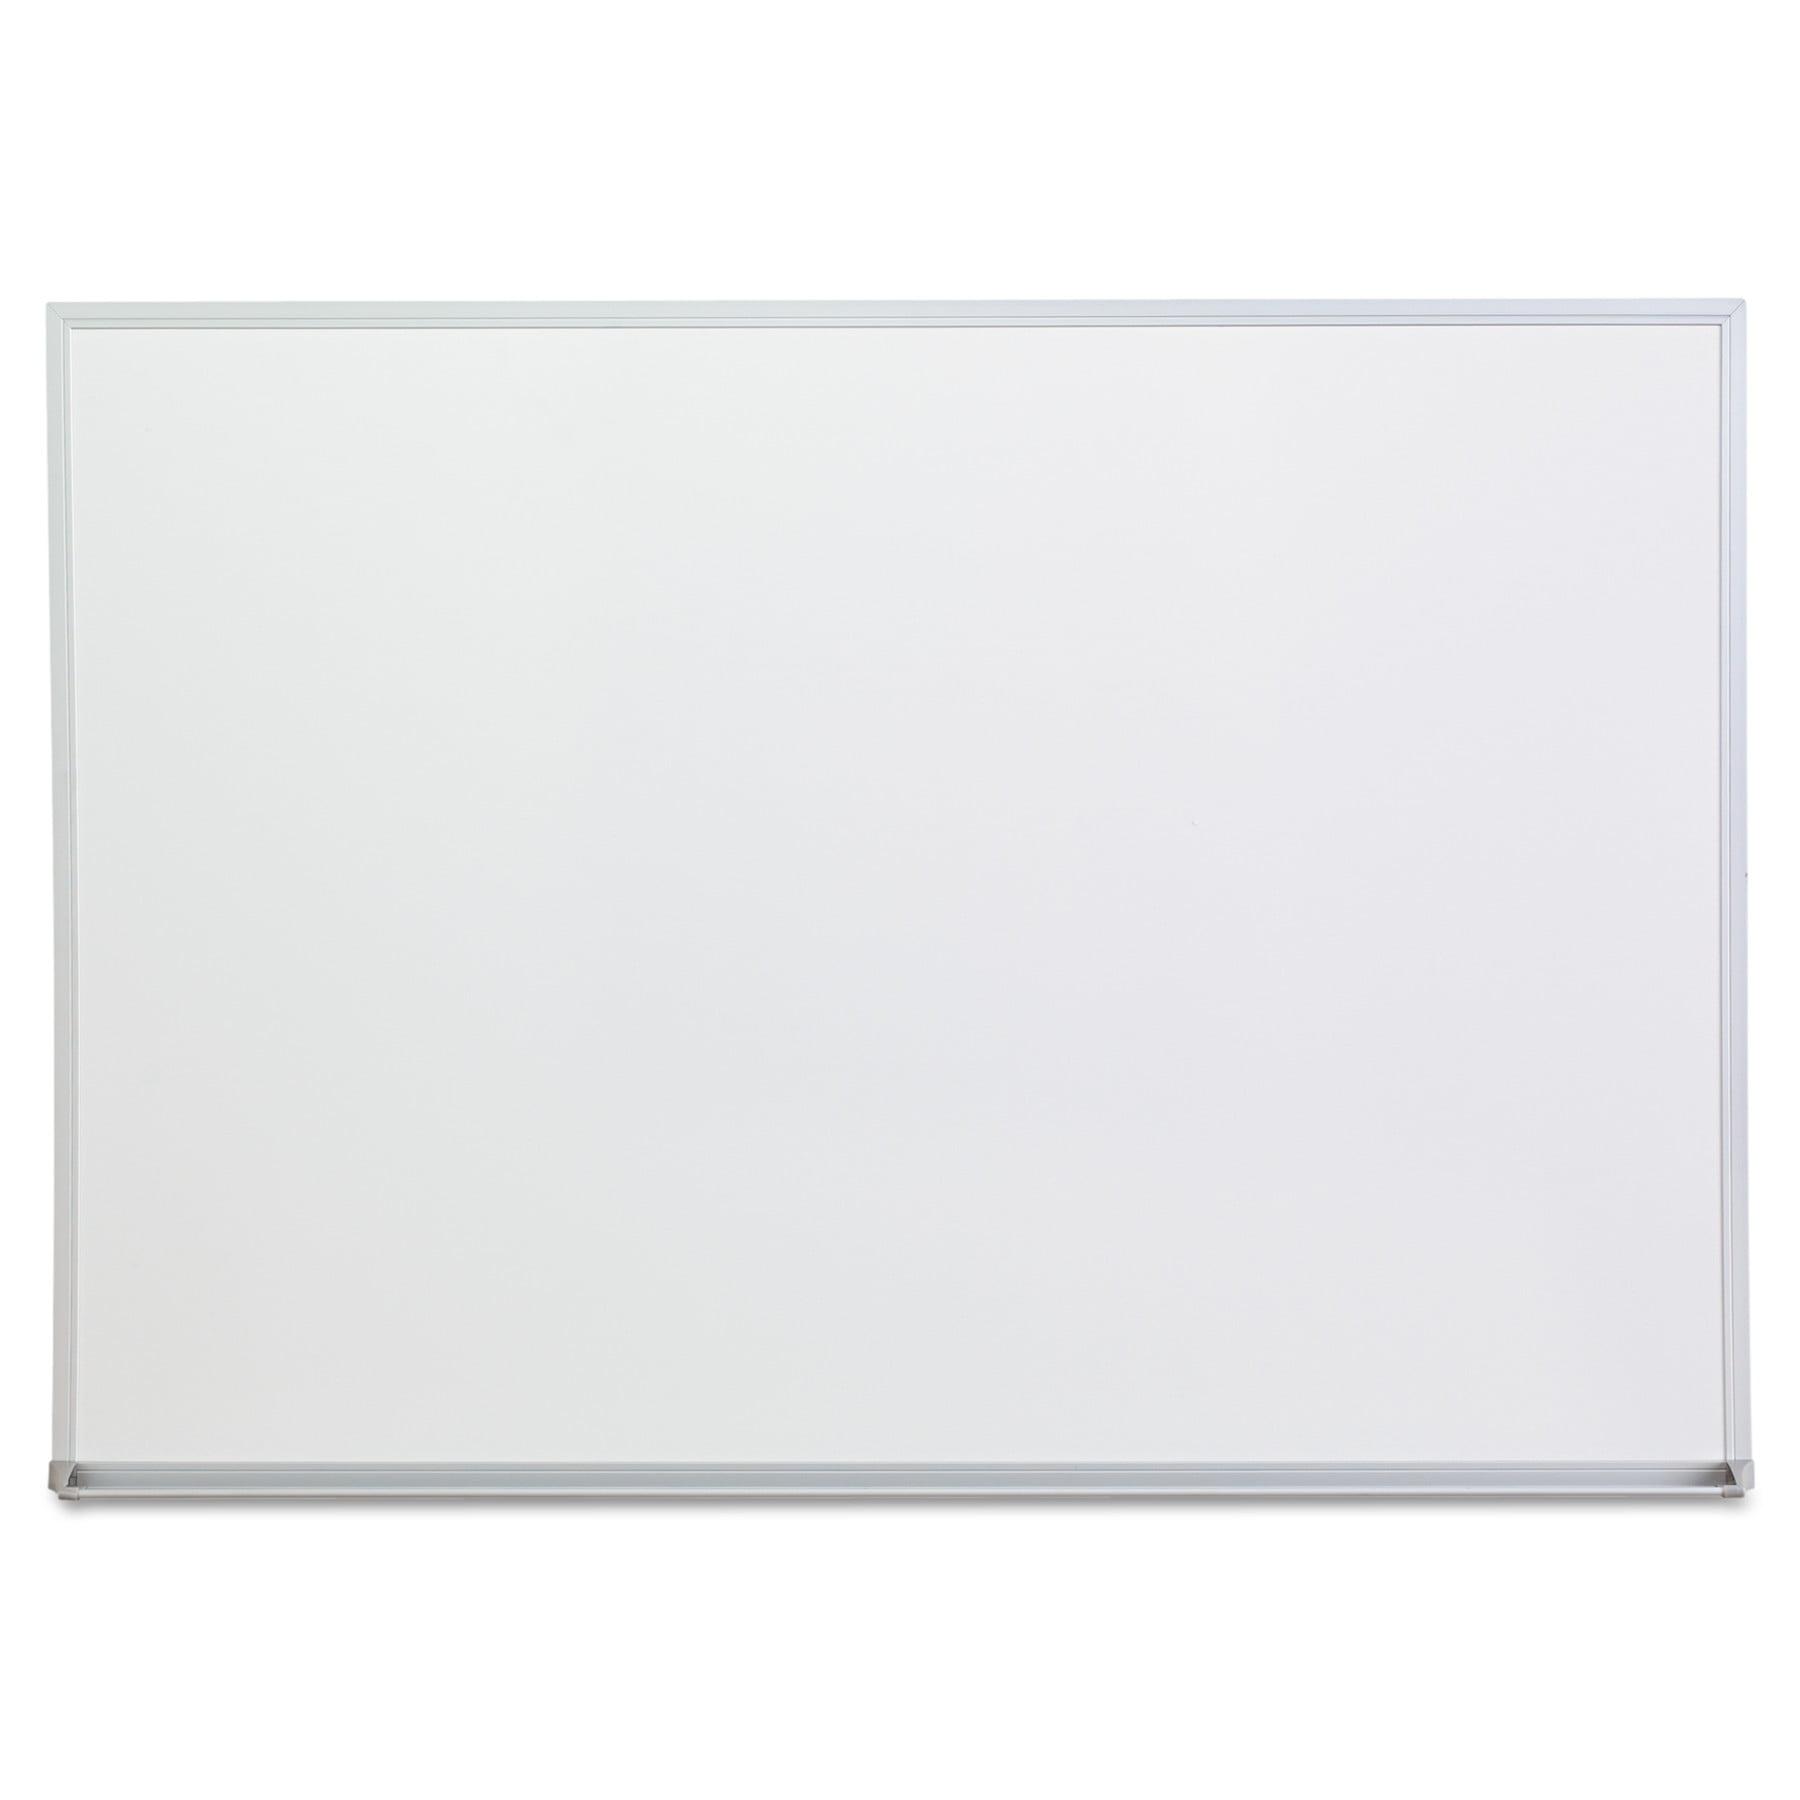 """Universal Melamine Dry Erase Board, 48"""" x 36"""", Satin-Finished Aluminum Frame"""